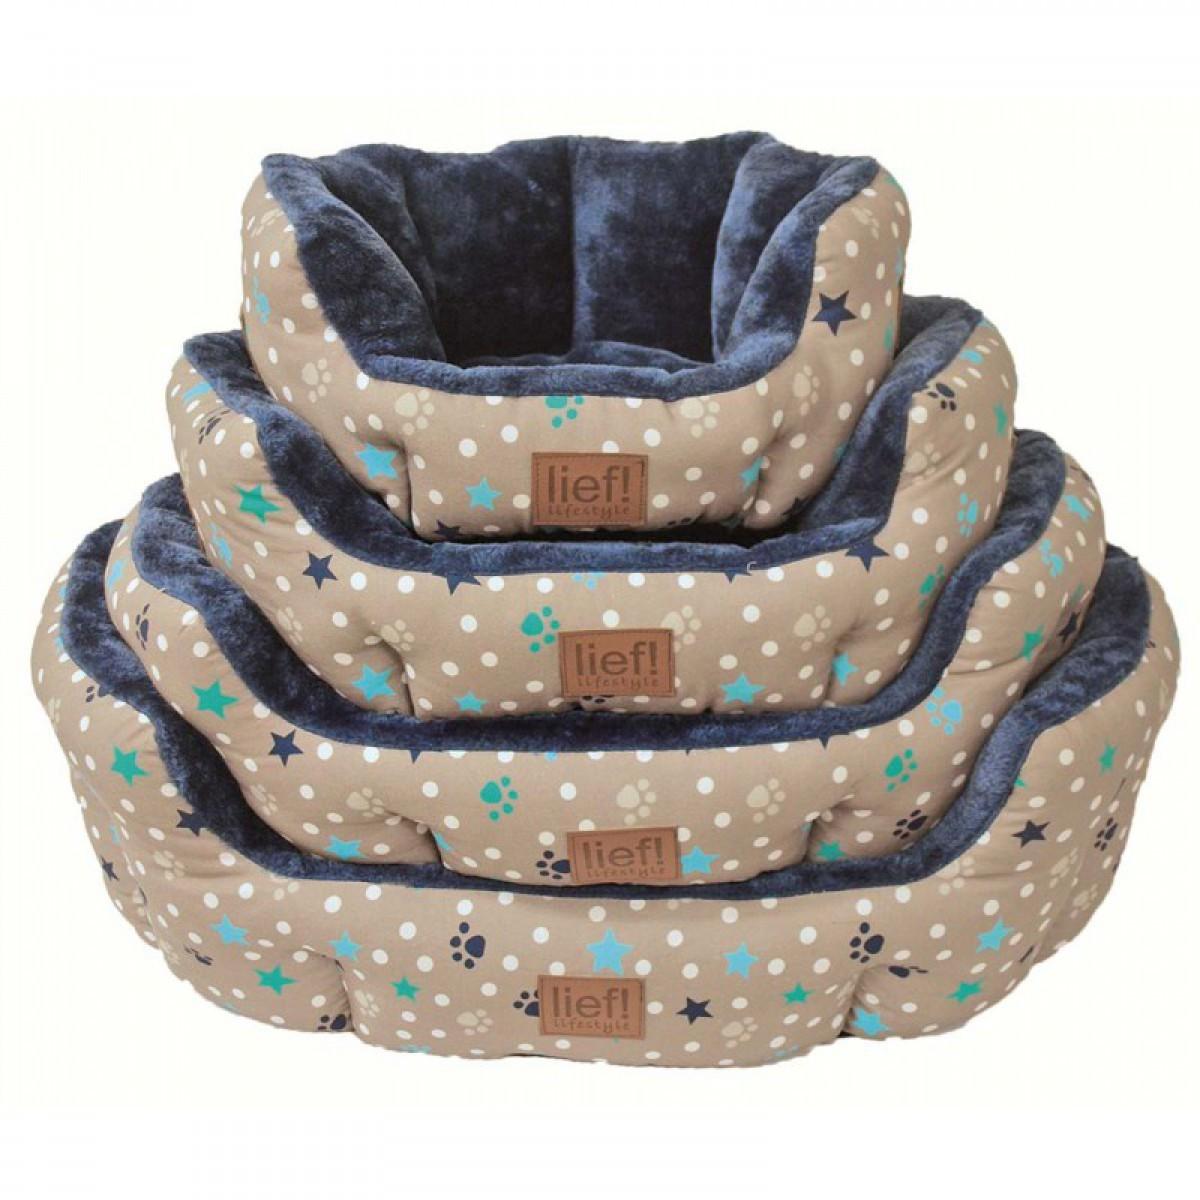 Lief! Schlafkorb für Hund und Katze